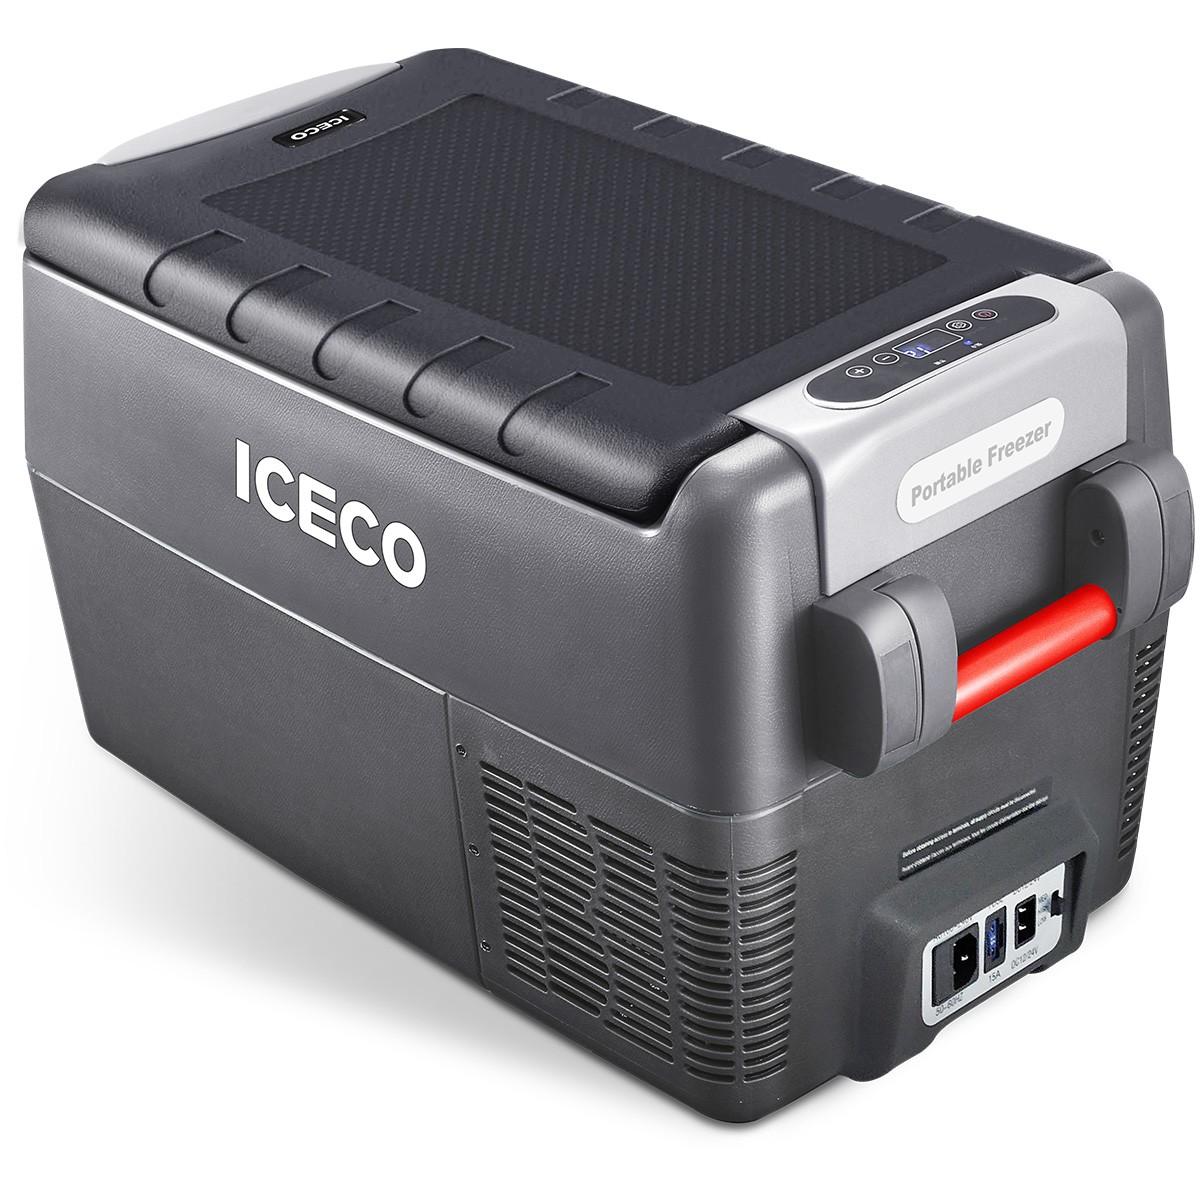 YCD31G(AC+DC)-IMD,深灰箱体/BD35F+101N0510,12V蓝灯/新后罩,带美式交流线/2.5米直流线/3.5米直流电源延长线/复位拉手/套袋/干燥剂,袋子带警示语/设置华氏温度,(美国亚马逊,ICECO)箱体丝印